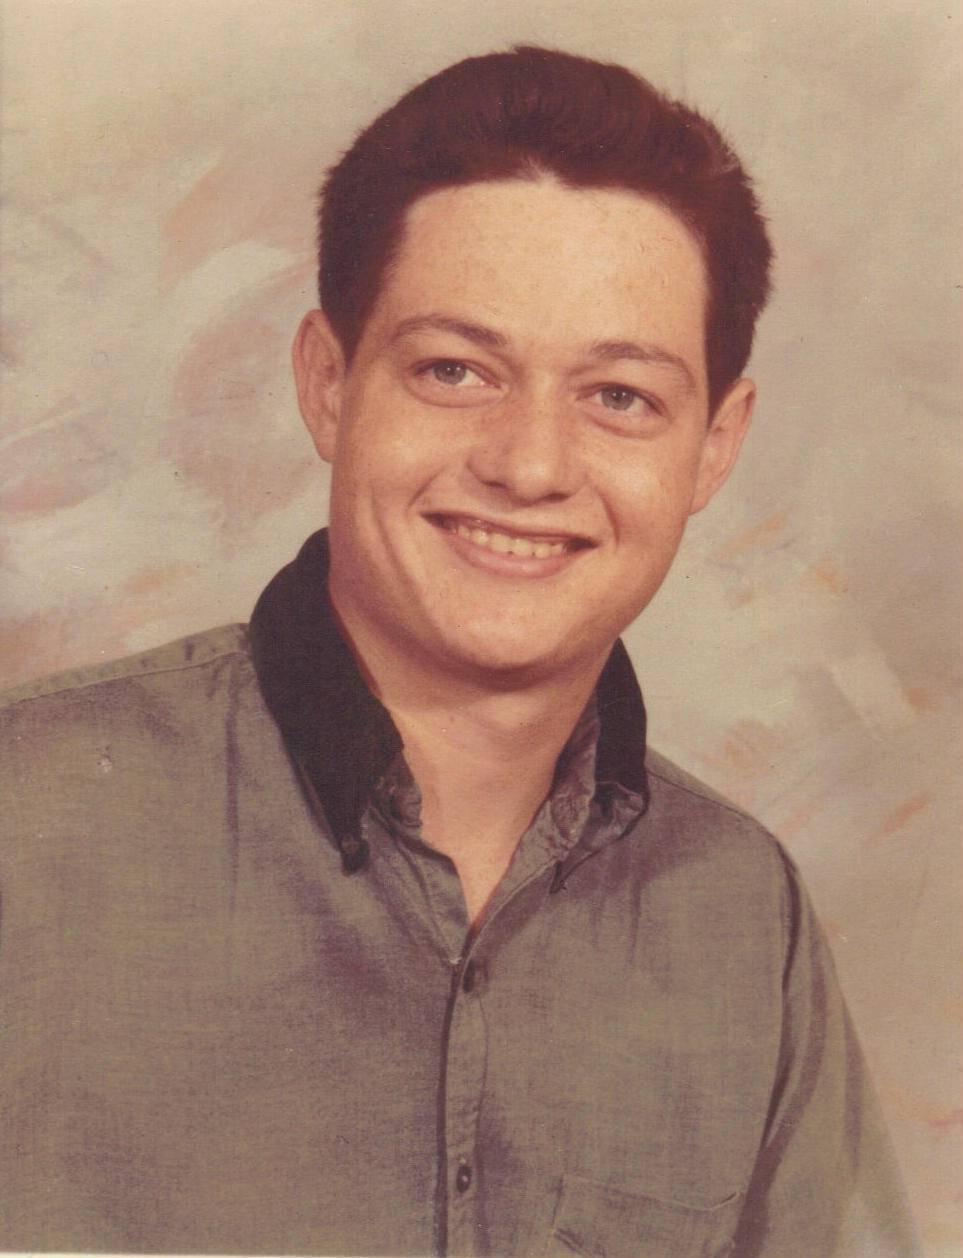 Carl King 1967